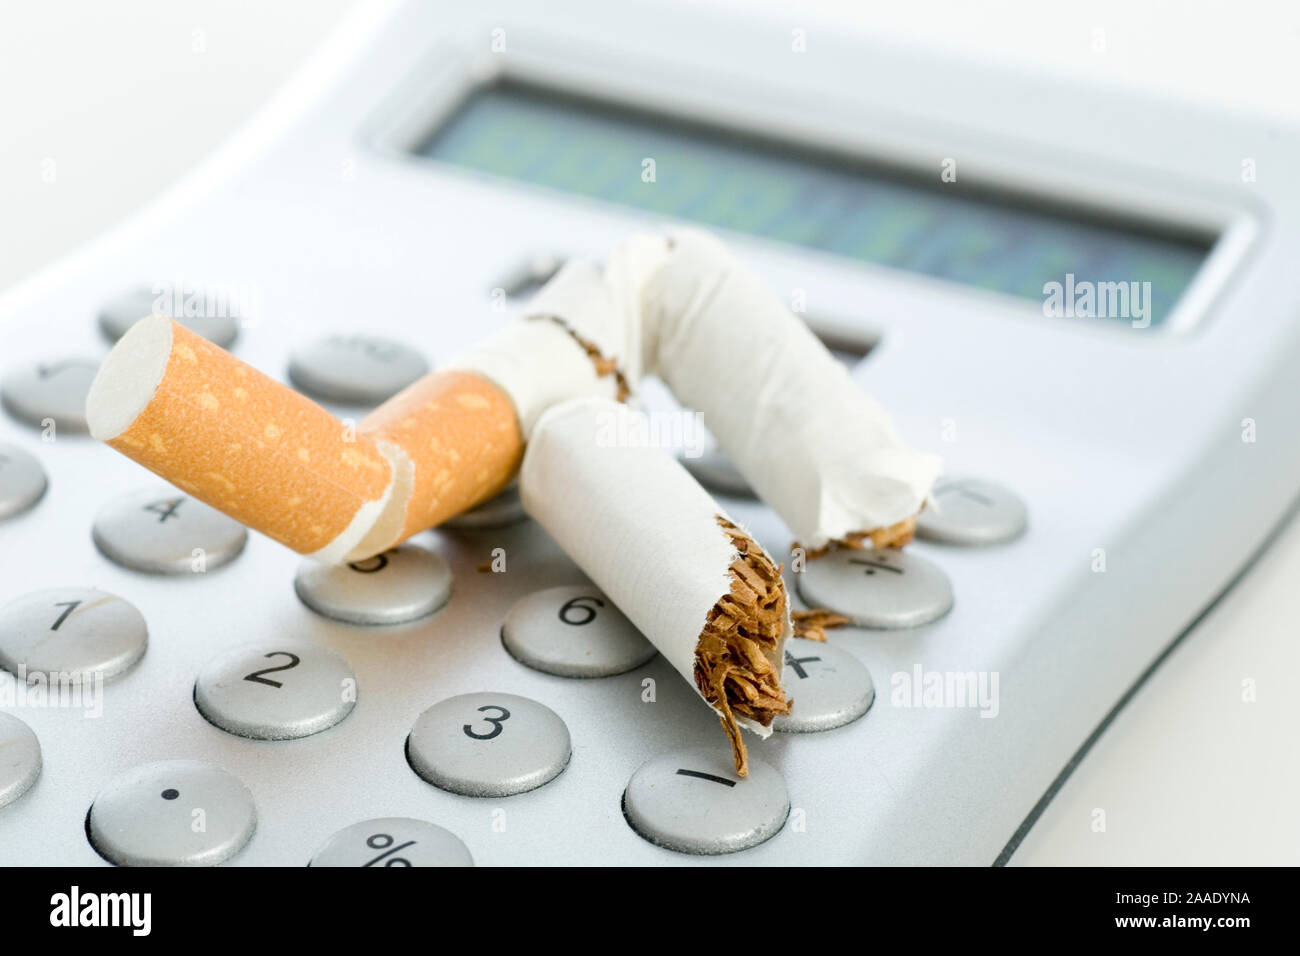 ausgedrückte Zigarette auf einem Taschenrechner Stock Photo